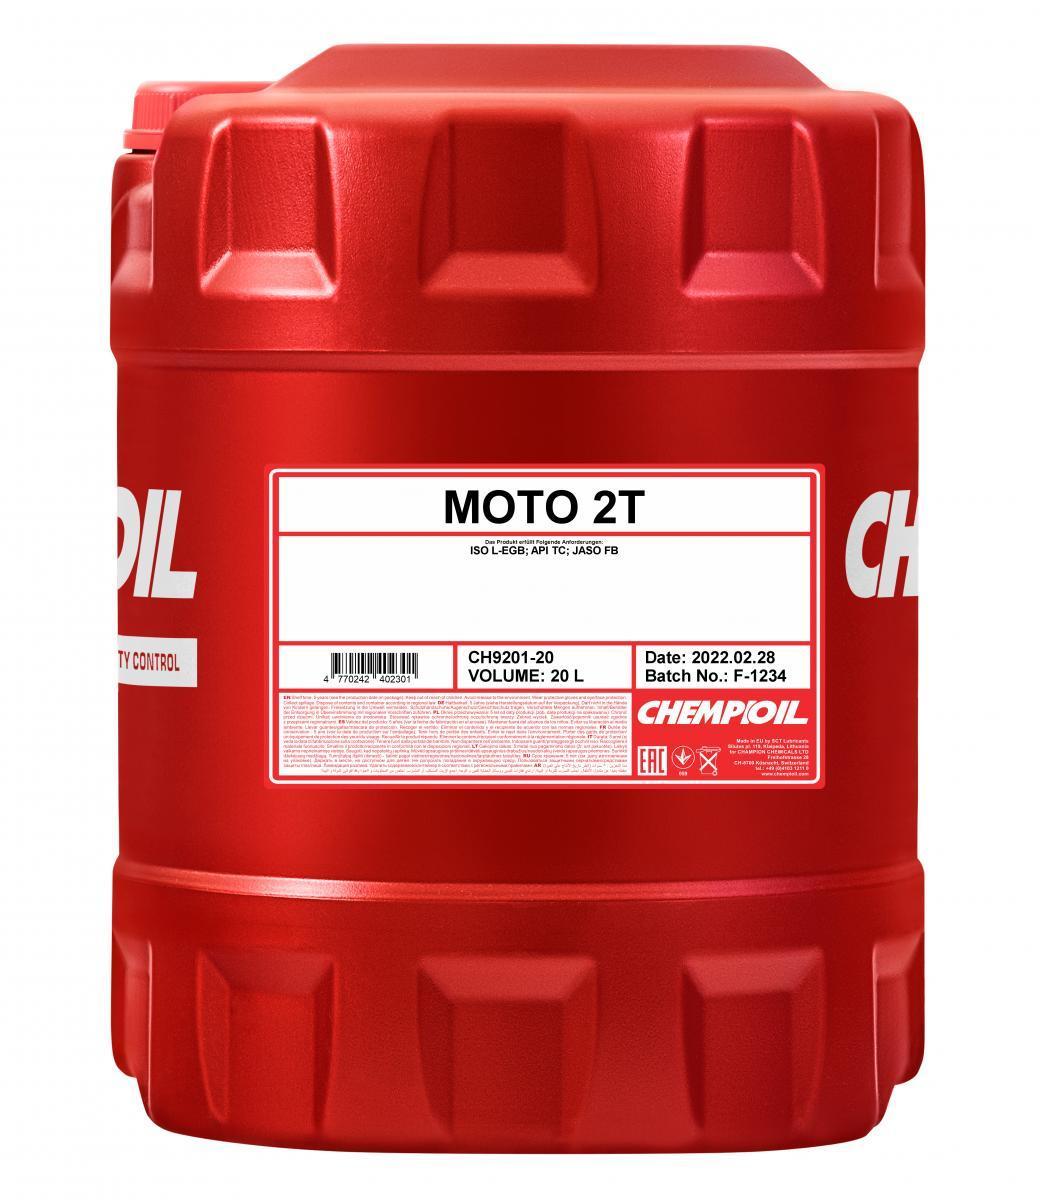 CHEMPIOIL MOTO, 2T Motorolja 20l CH9201-20 VESPA